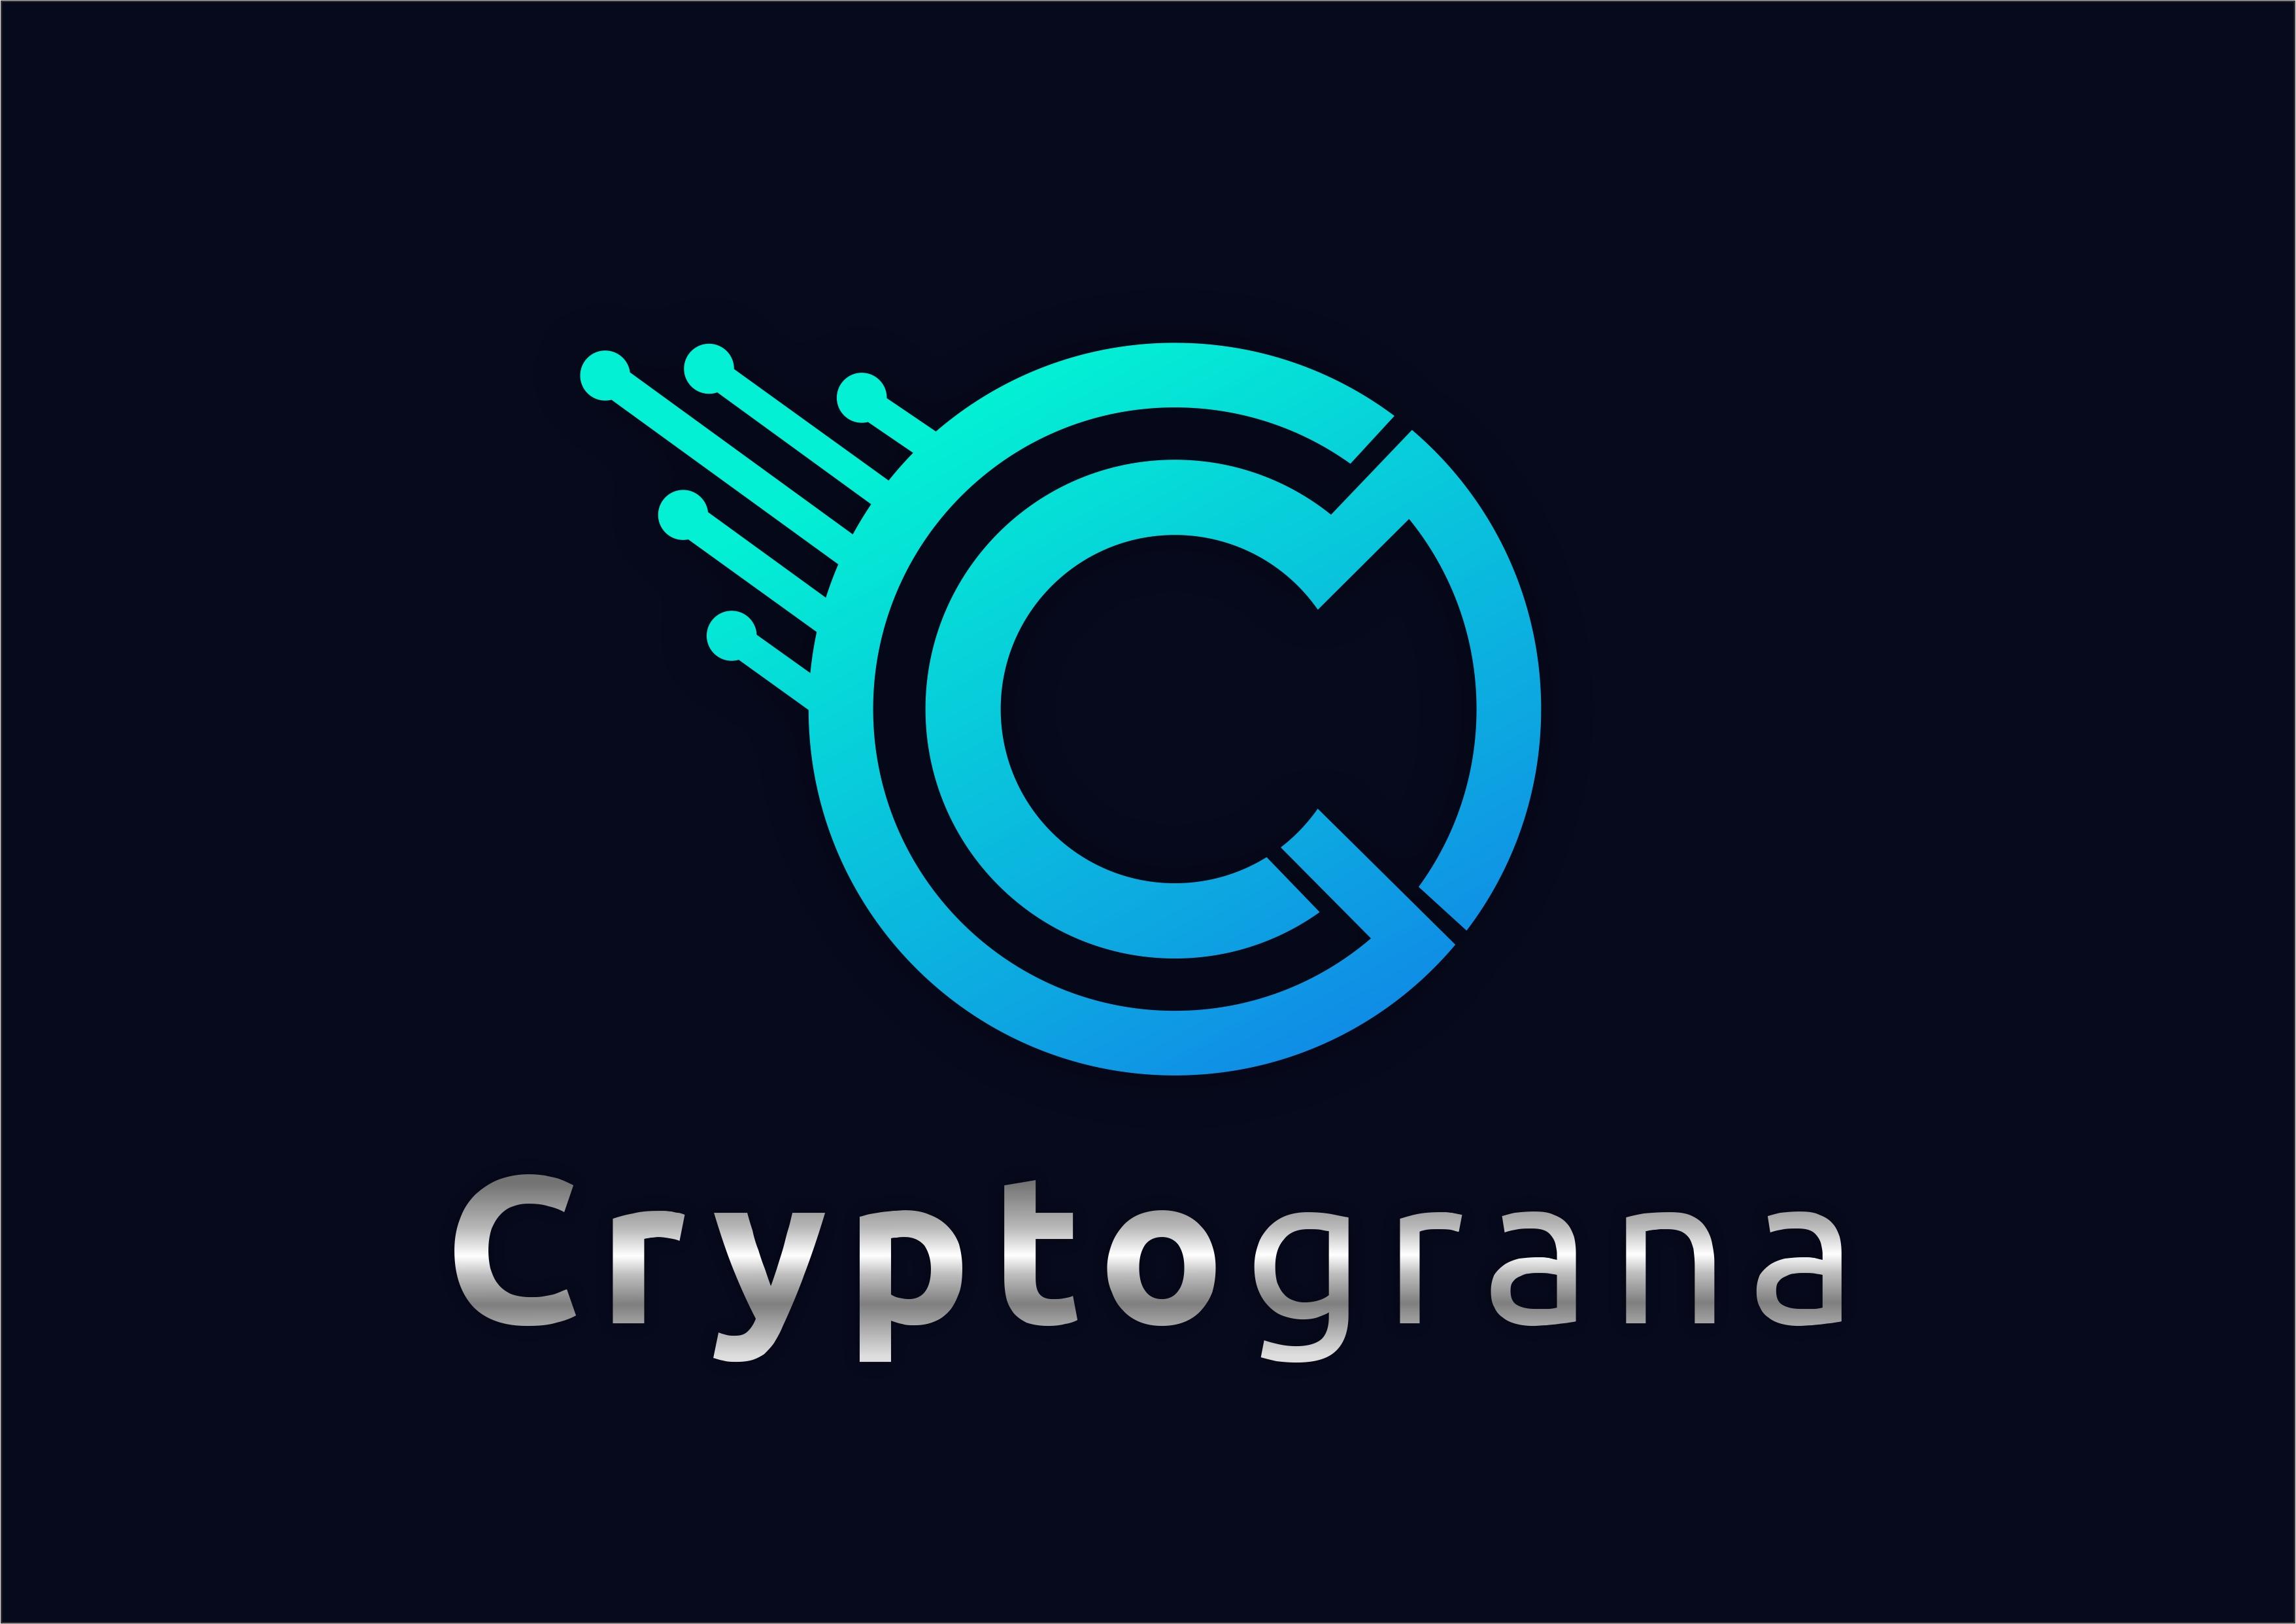 Cryptograna